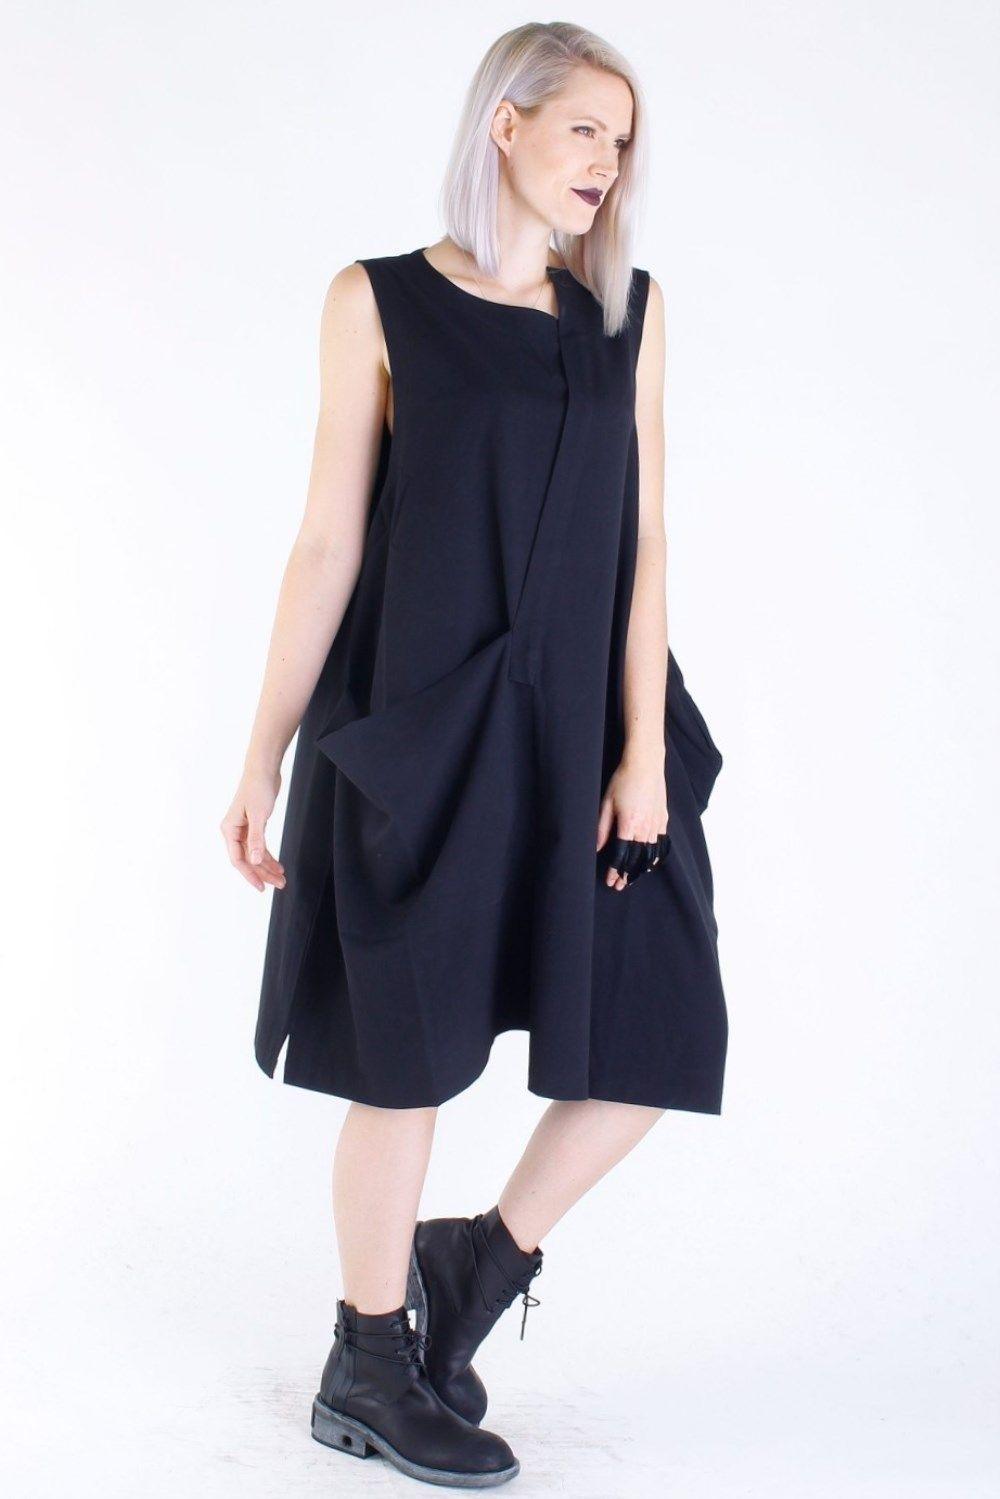 17 Cool Schöne Damenkleider SpezialgebietFormal Cool Schöne Damenkleider Vertrieb